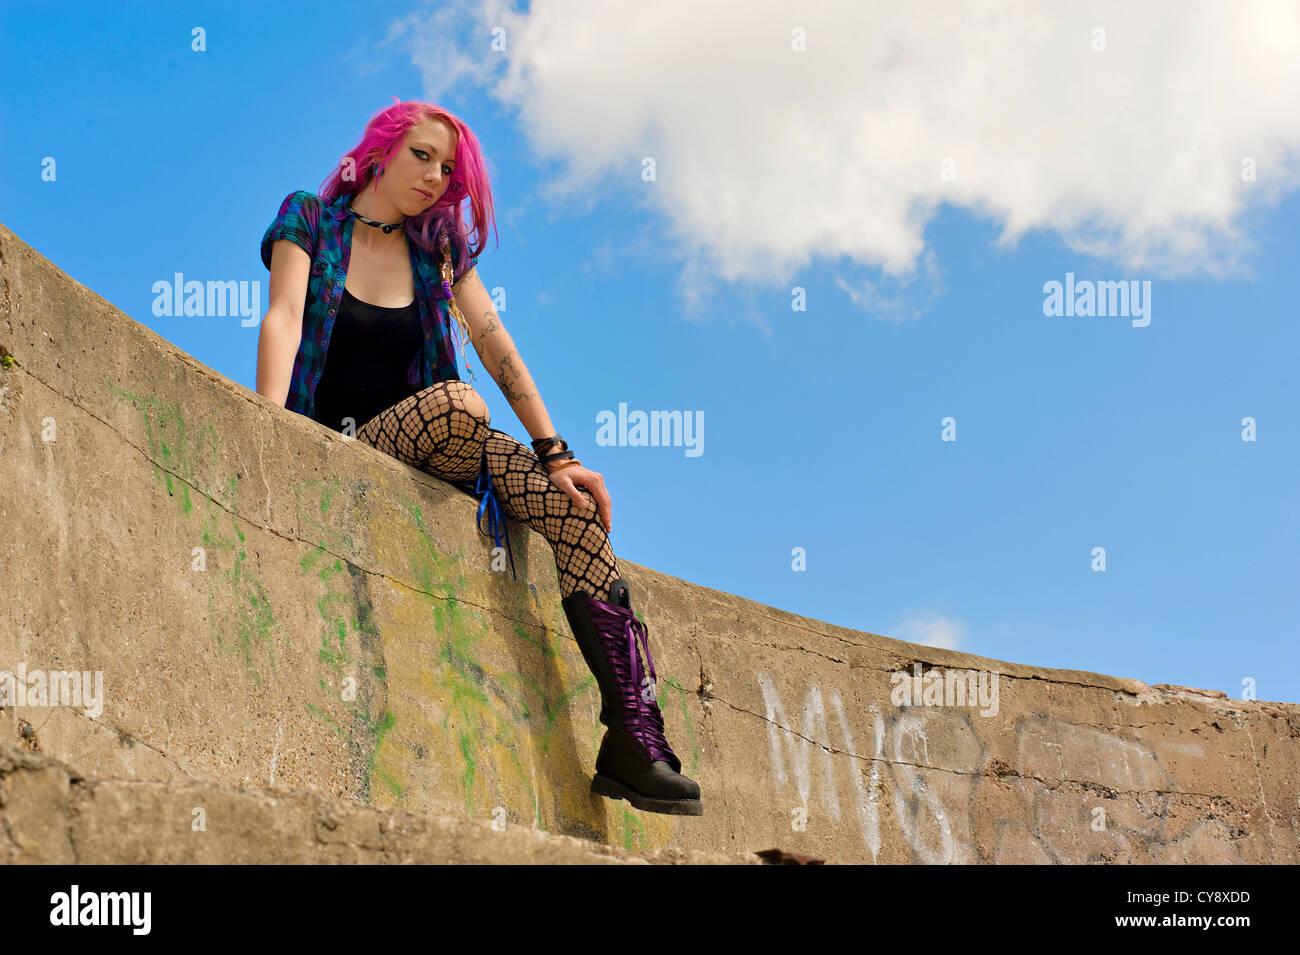 caf864884 Las mujeres jóvenes/ chica con el pelo rosa y negro mini vestido ...